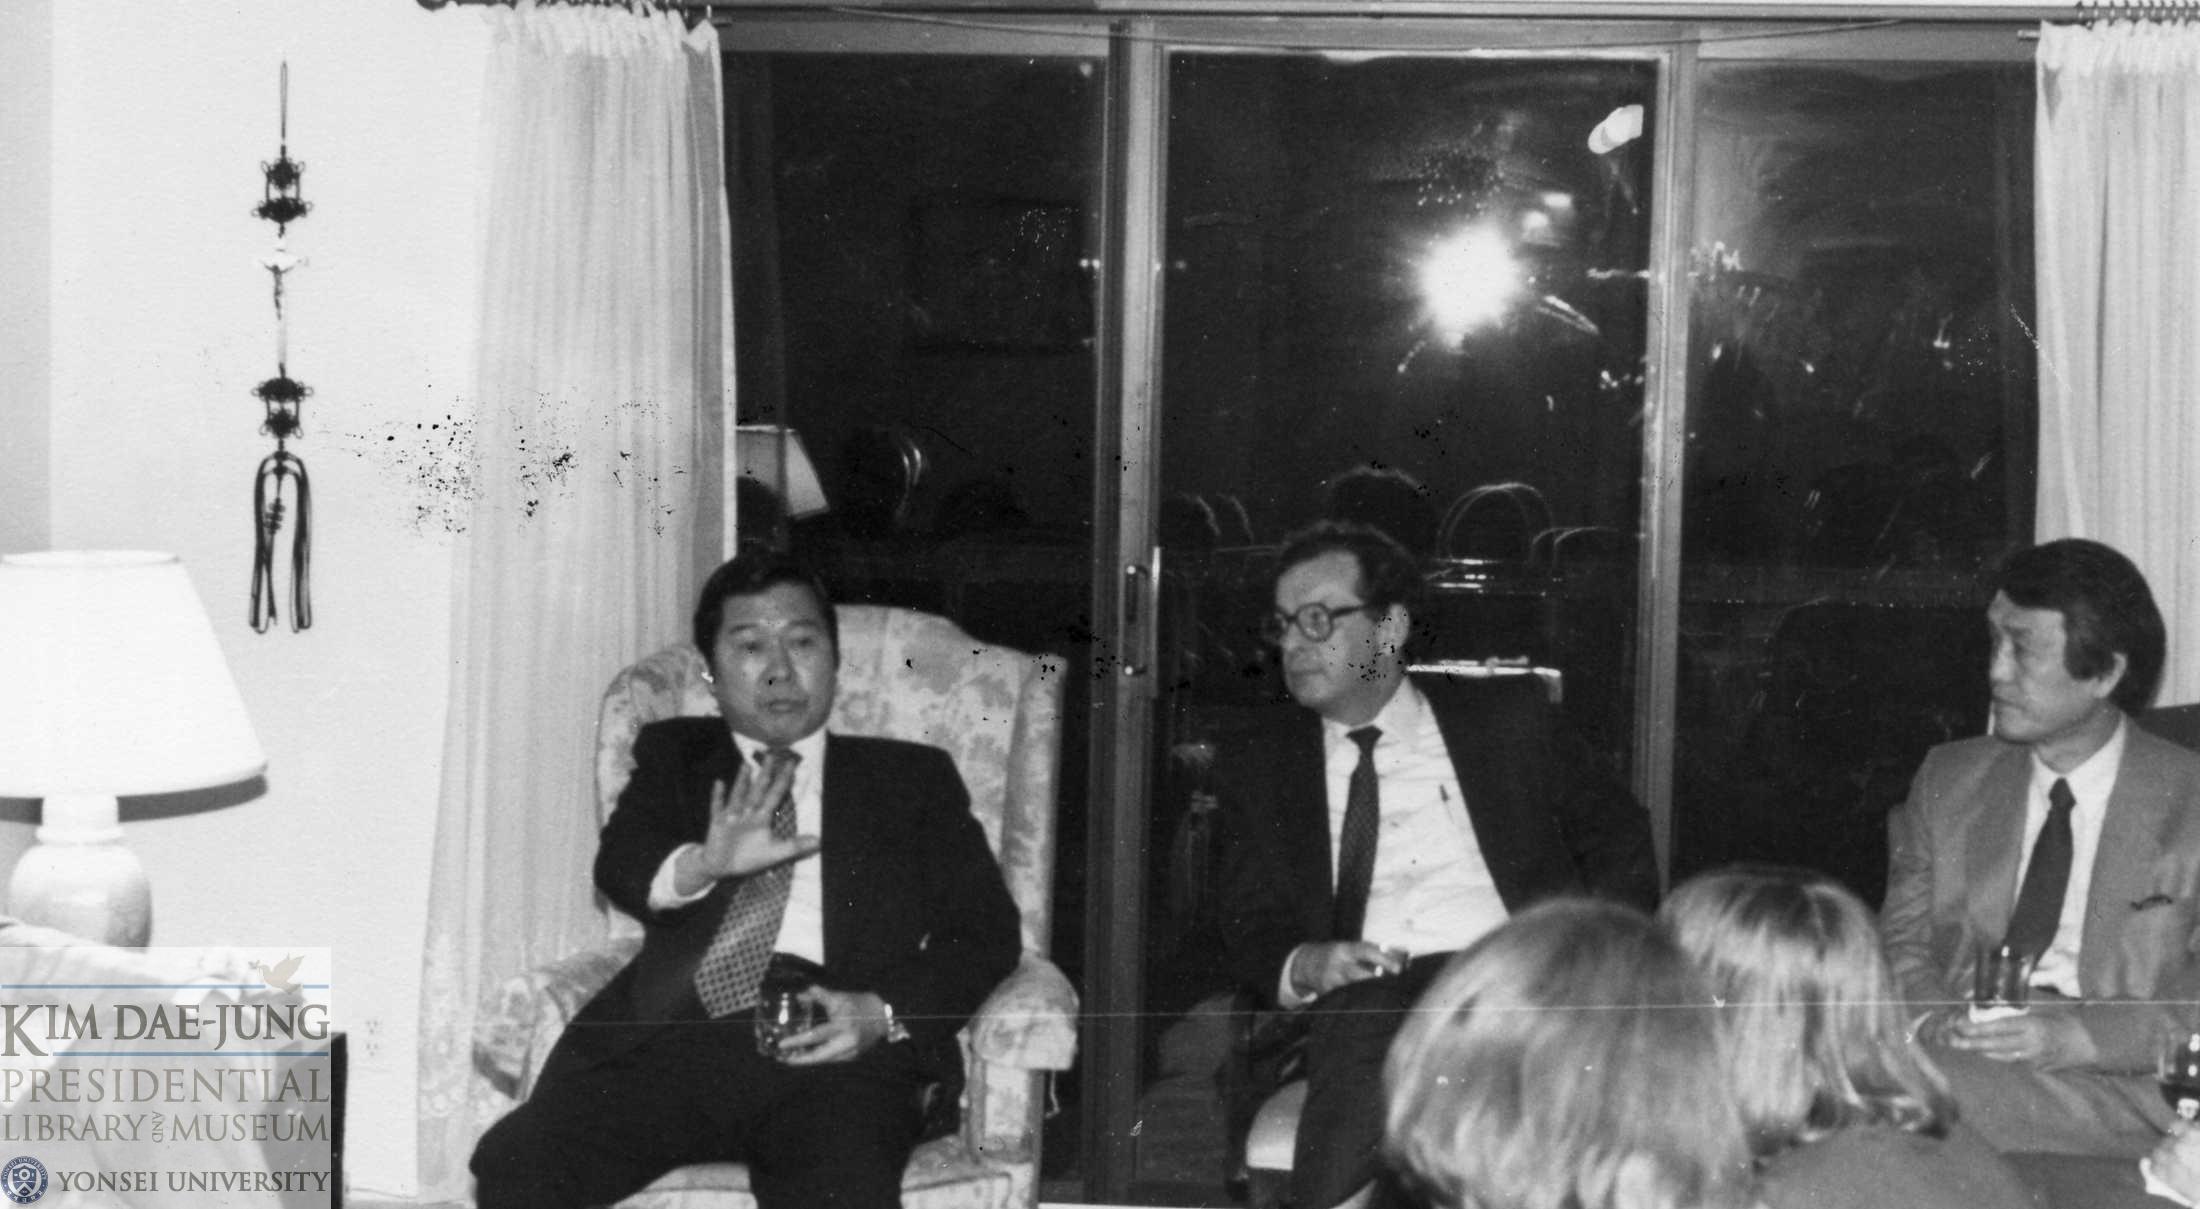 1983년~1984년 김대중의 2차 미국 망명시기, 대화를 나누는 김대중과 문동환.